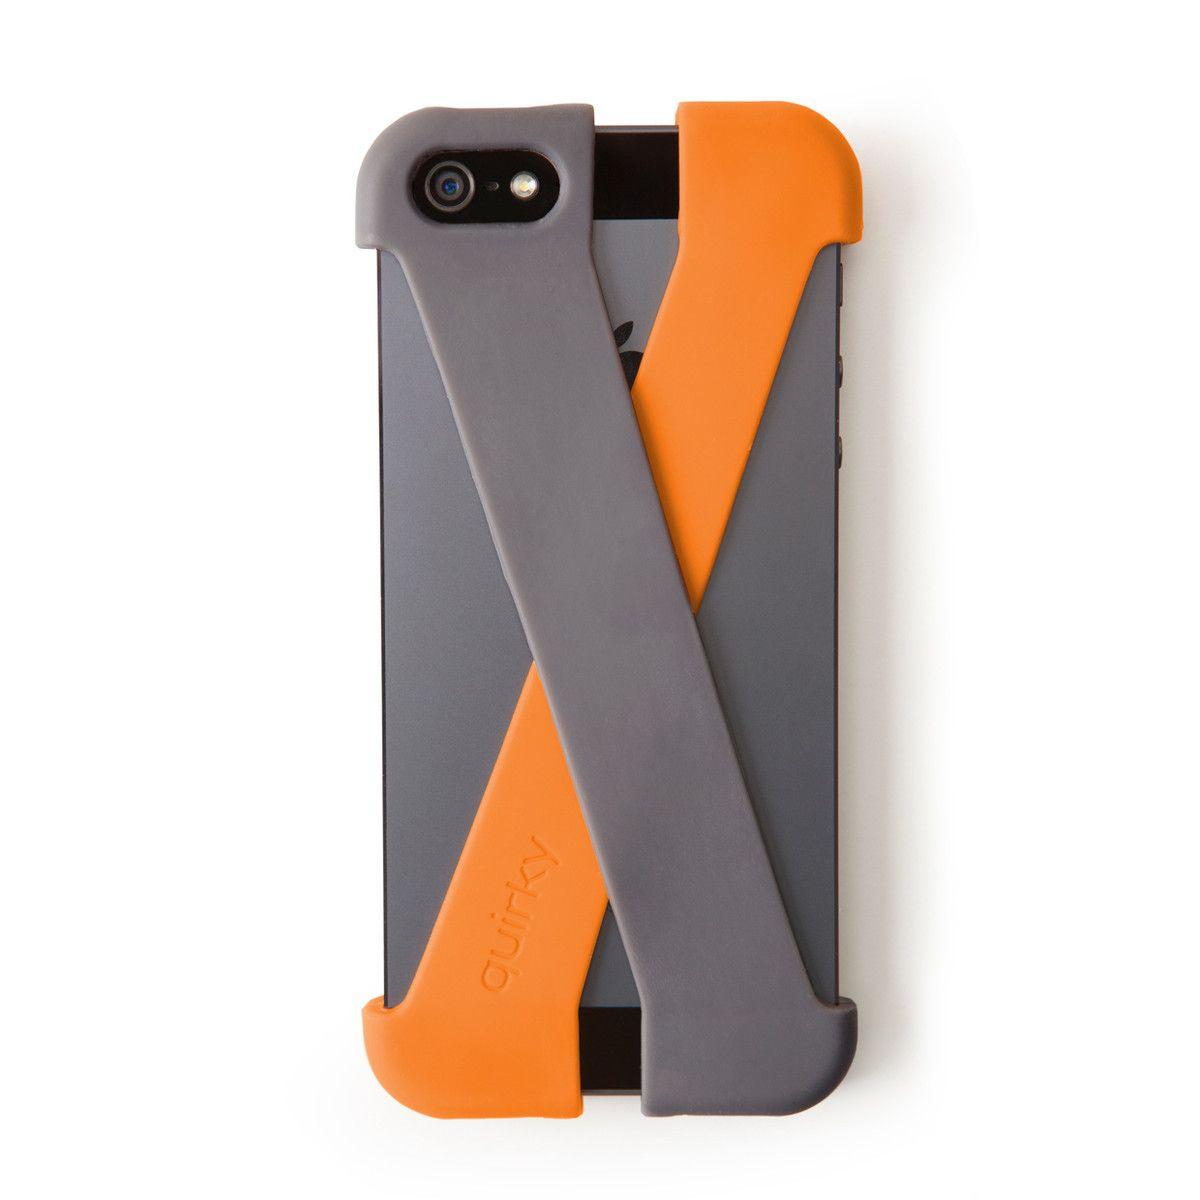 Crossover #Orange #iphone #case #gadget